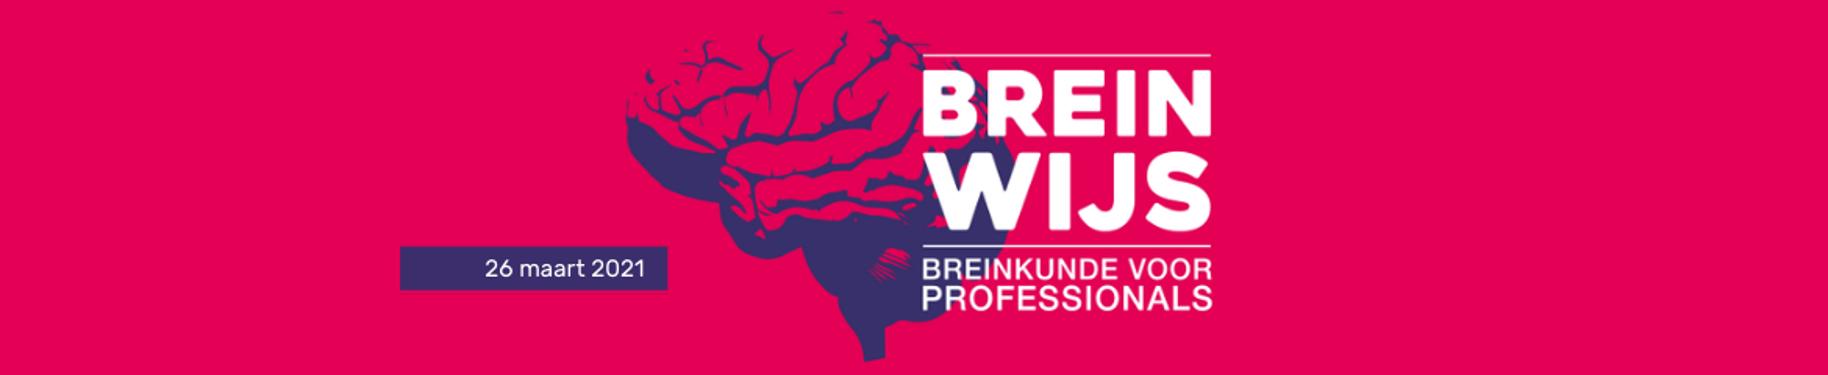 Breinwijs | 26 maart 2021